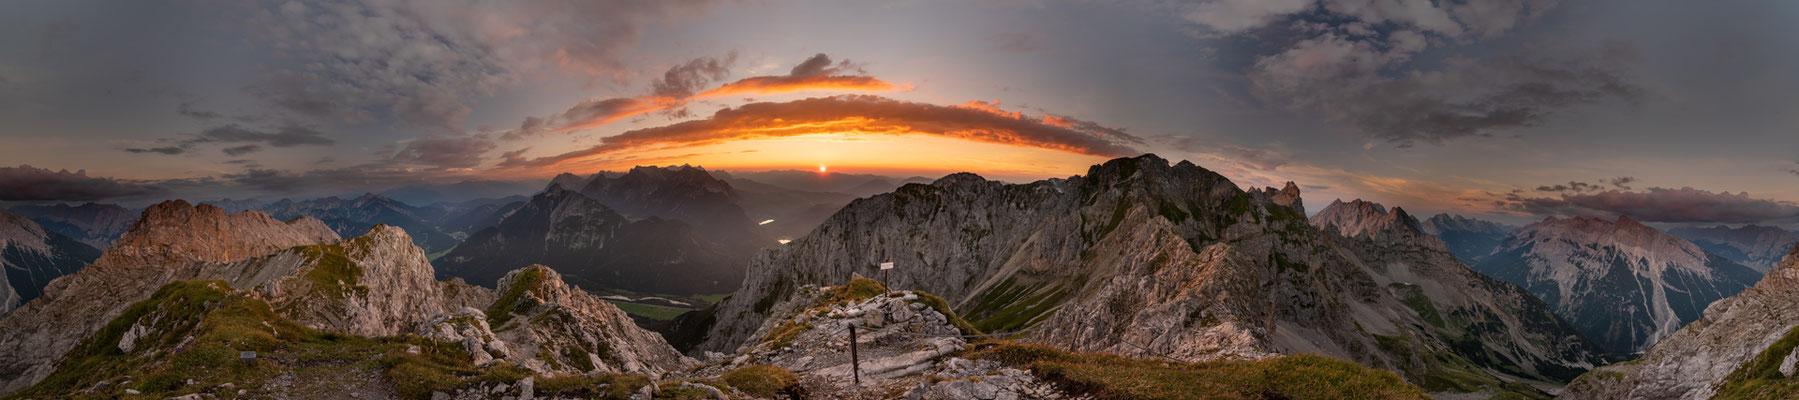 Sonnenuntergang von der Linderspitze im Karwendel / Deutschland (Bildnummer 180729)